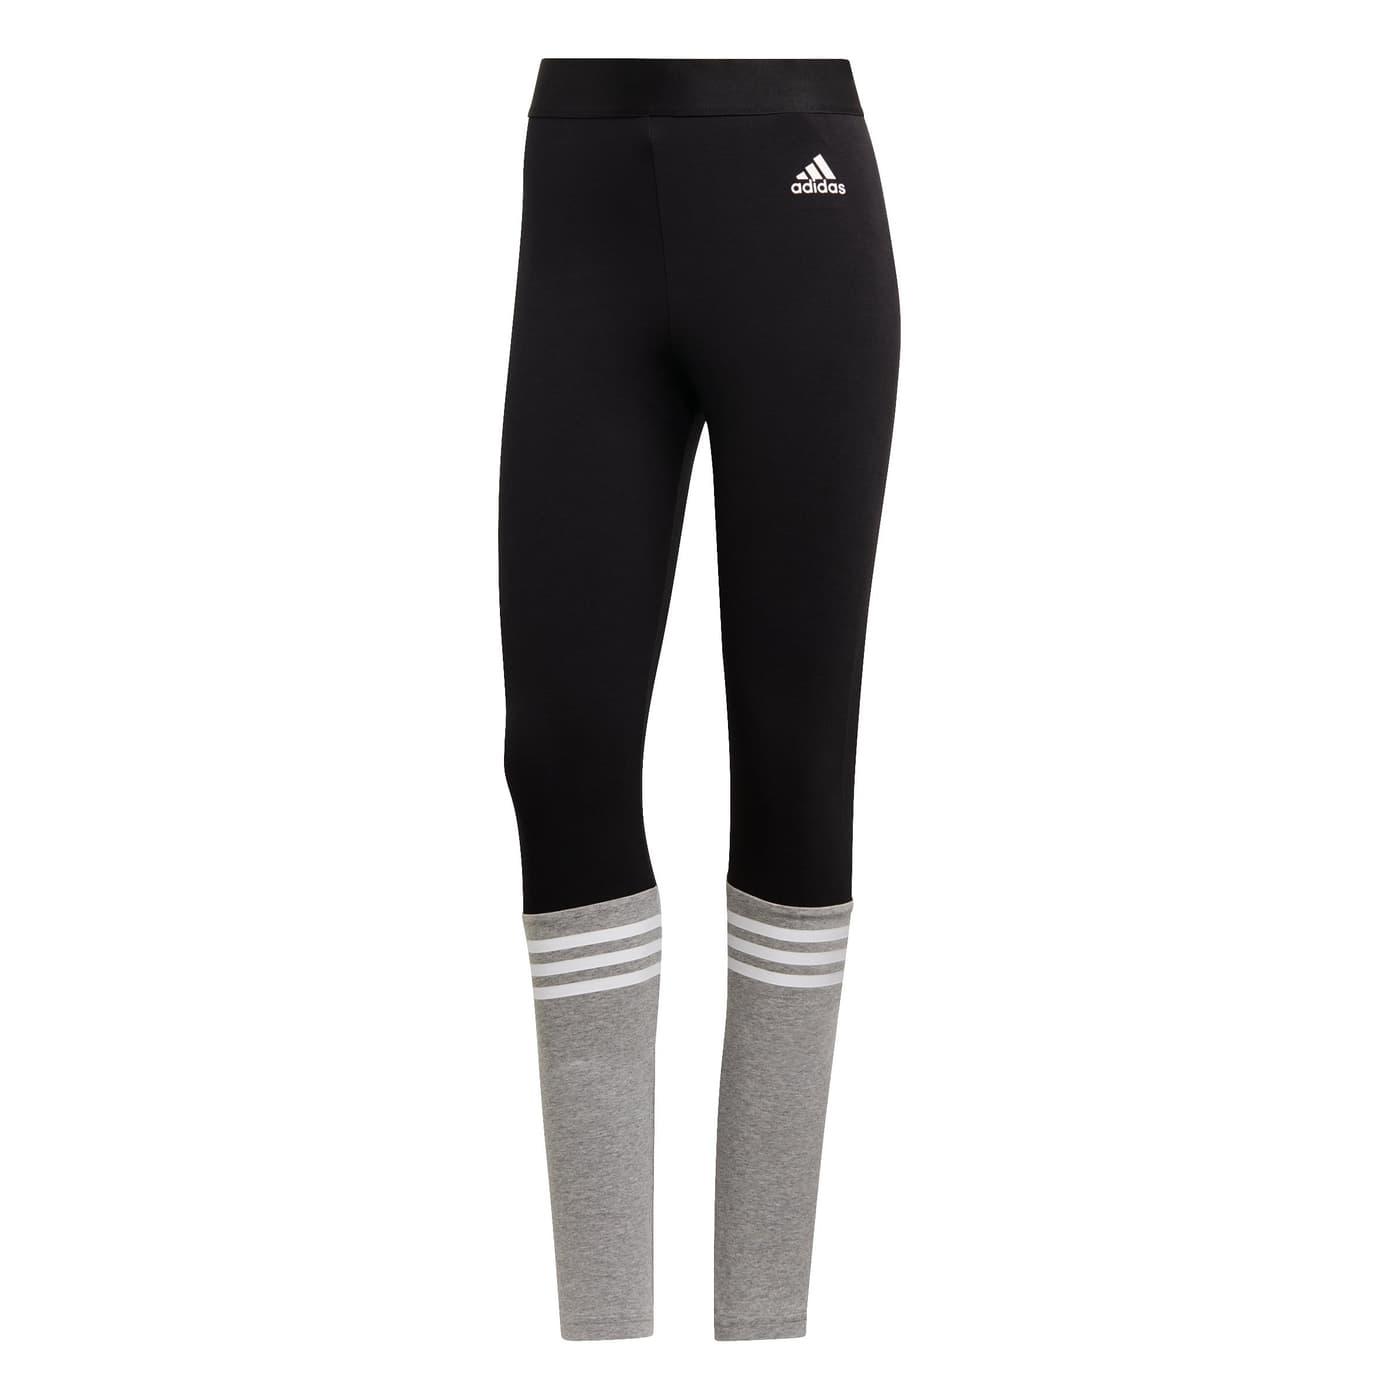 Adidas W Sid Tight Damen Leggings